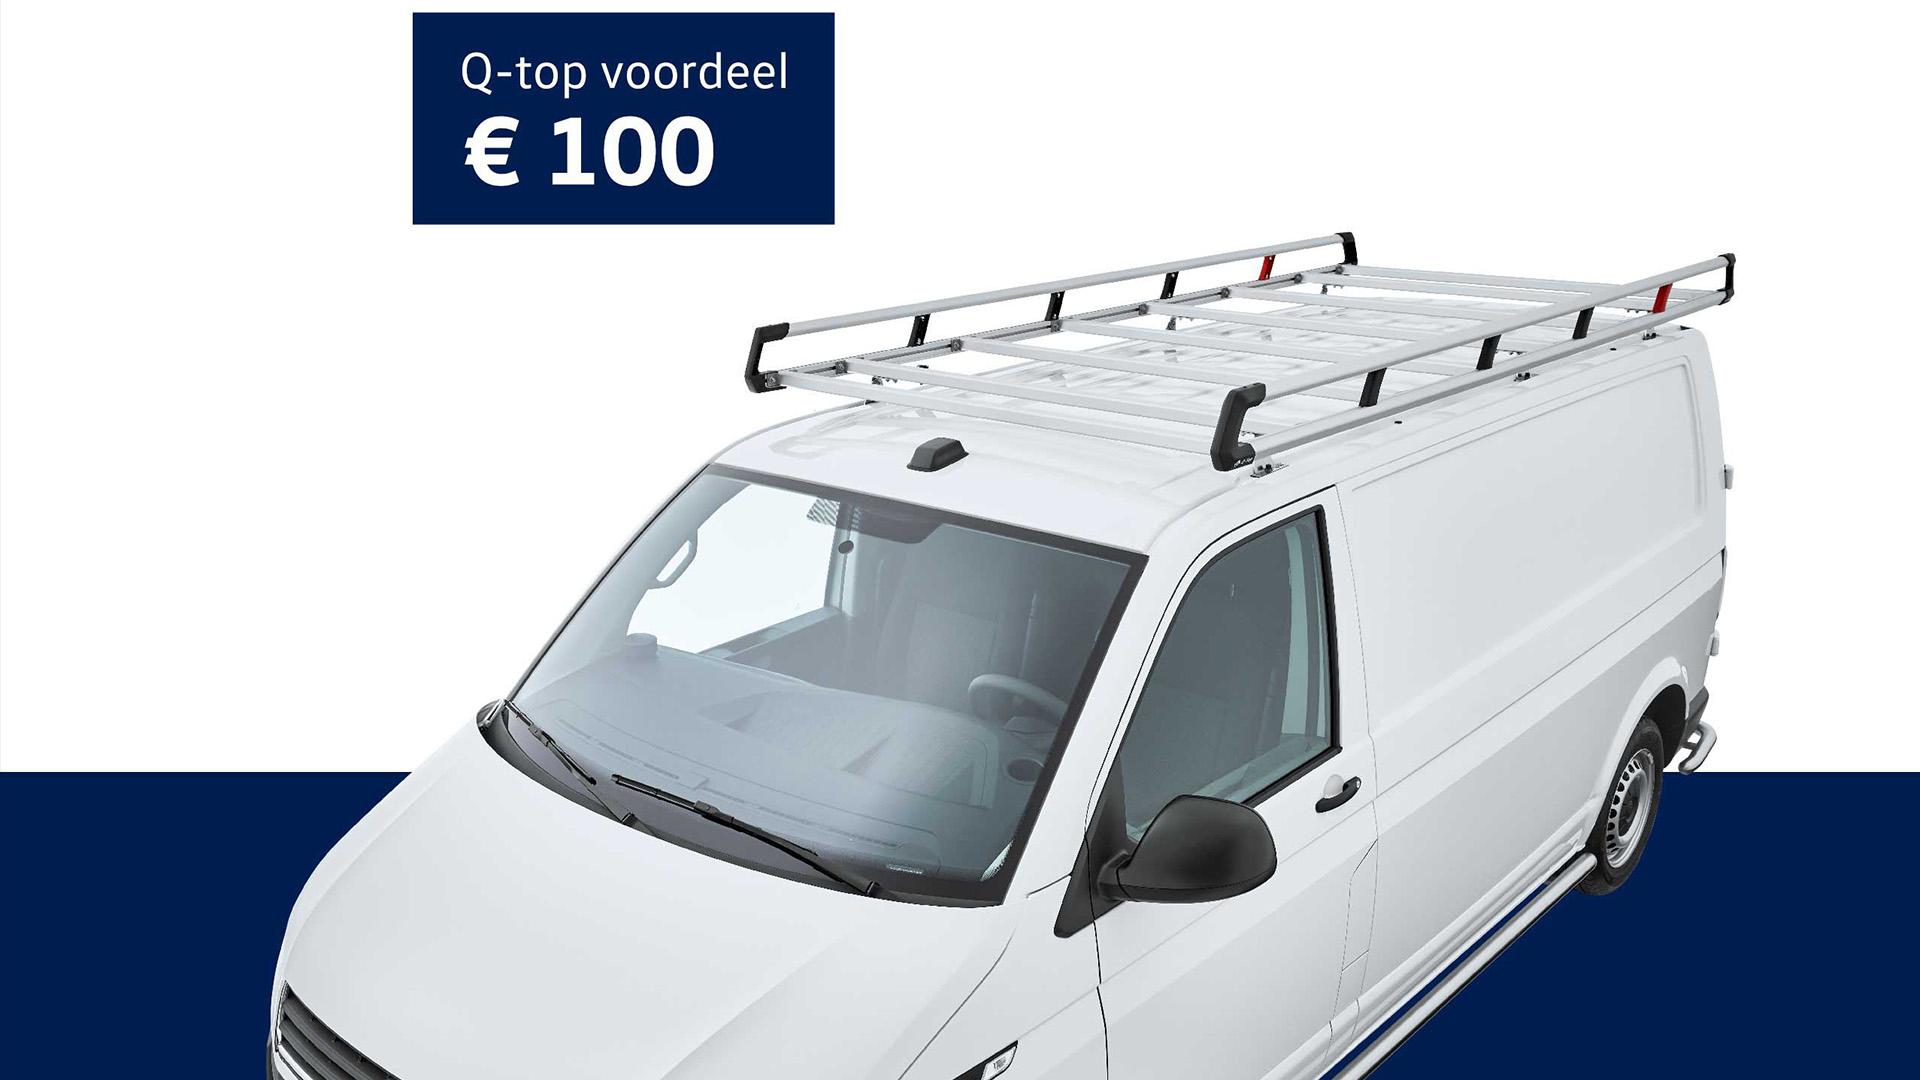 Volkswagen_Bedrijfwagens_Voor_Mekaar_Deals_-_Accessoires_-_Imperiaal.jpg